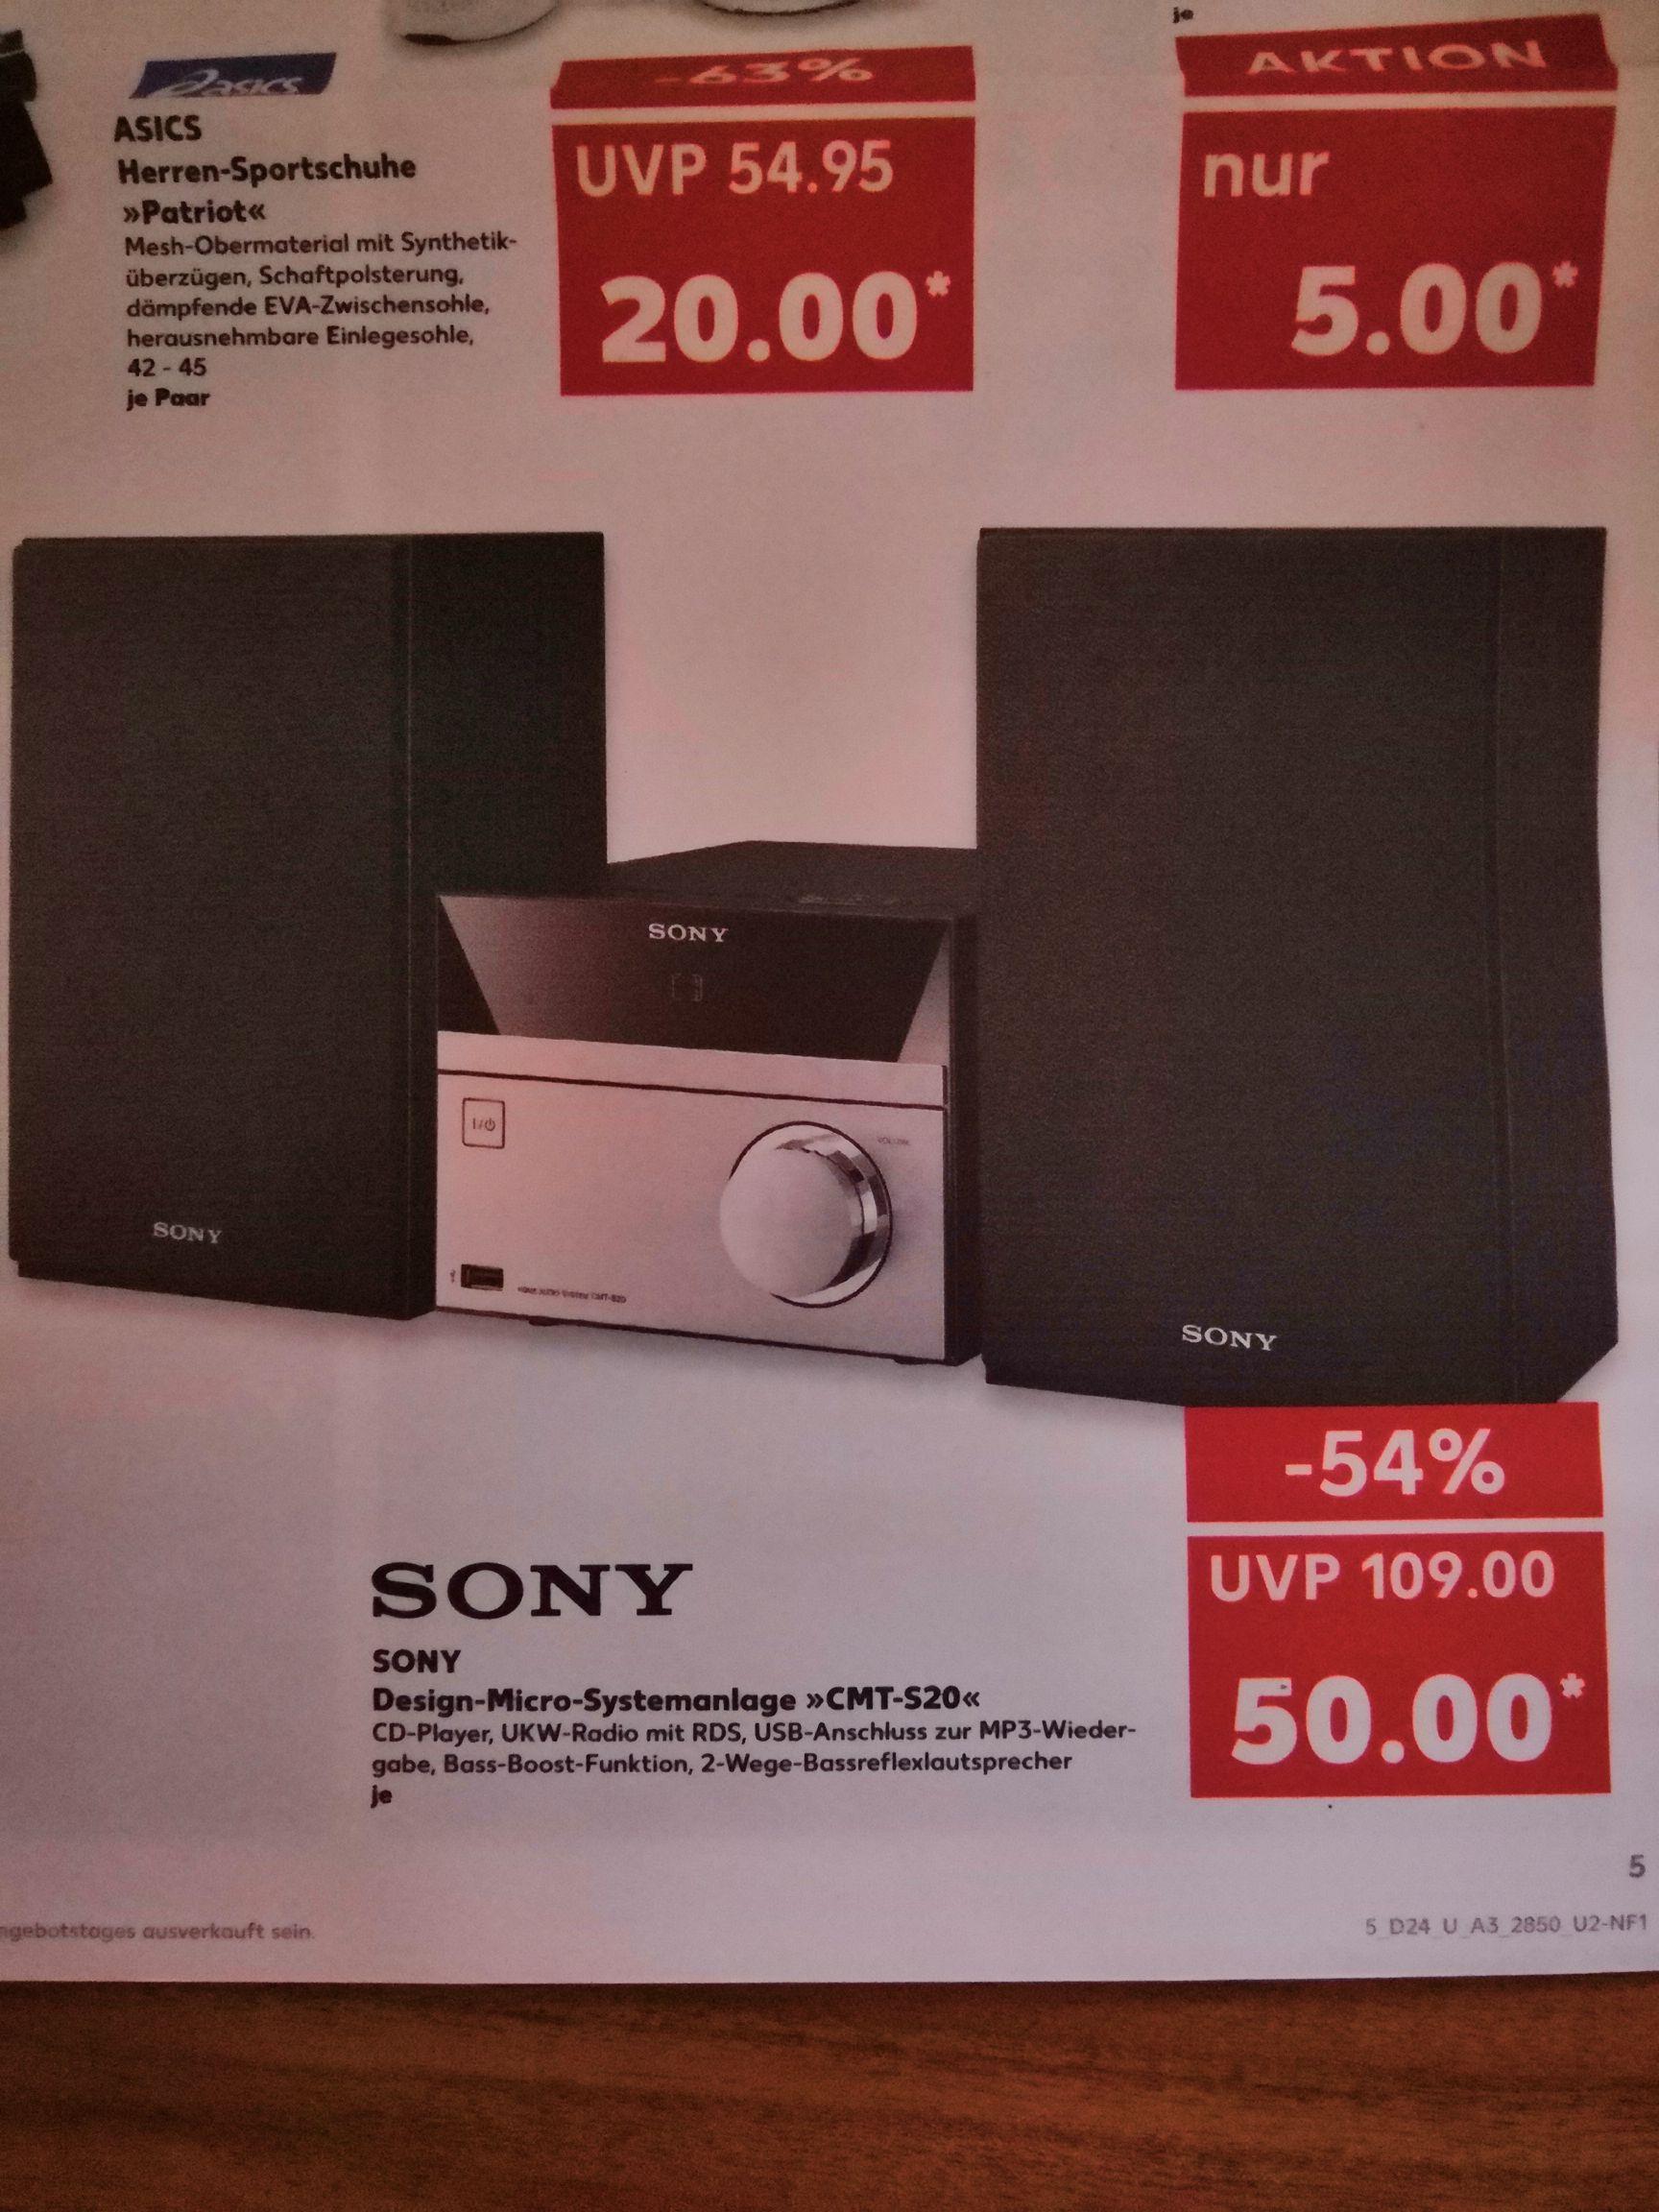 Sony cmt-s20 design-micro-systemanlage offline kaufland potsdam